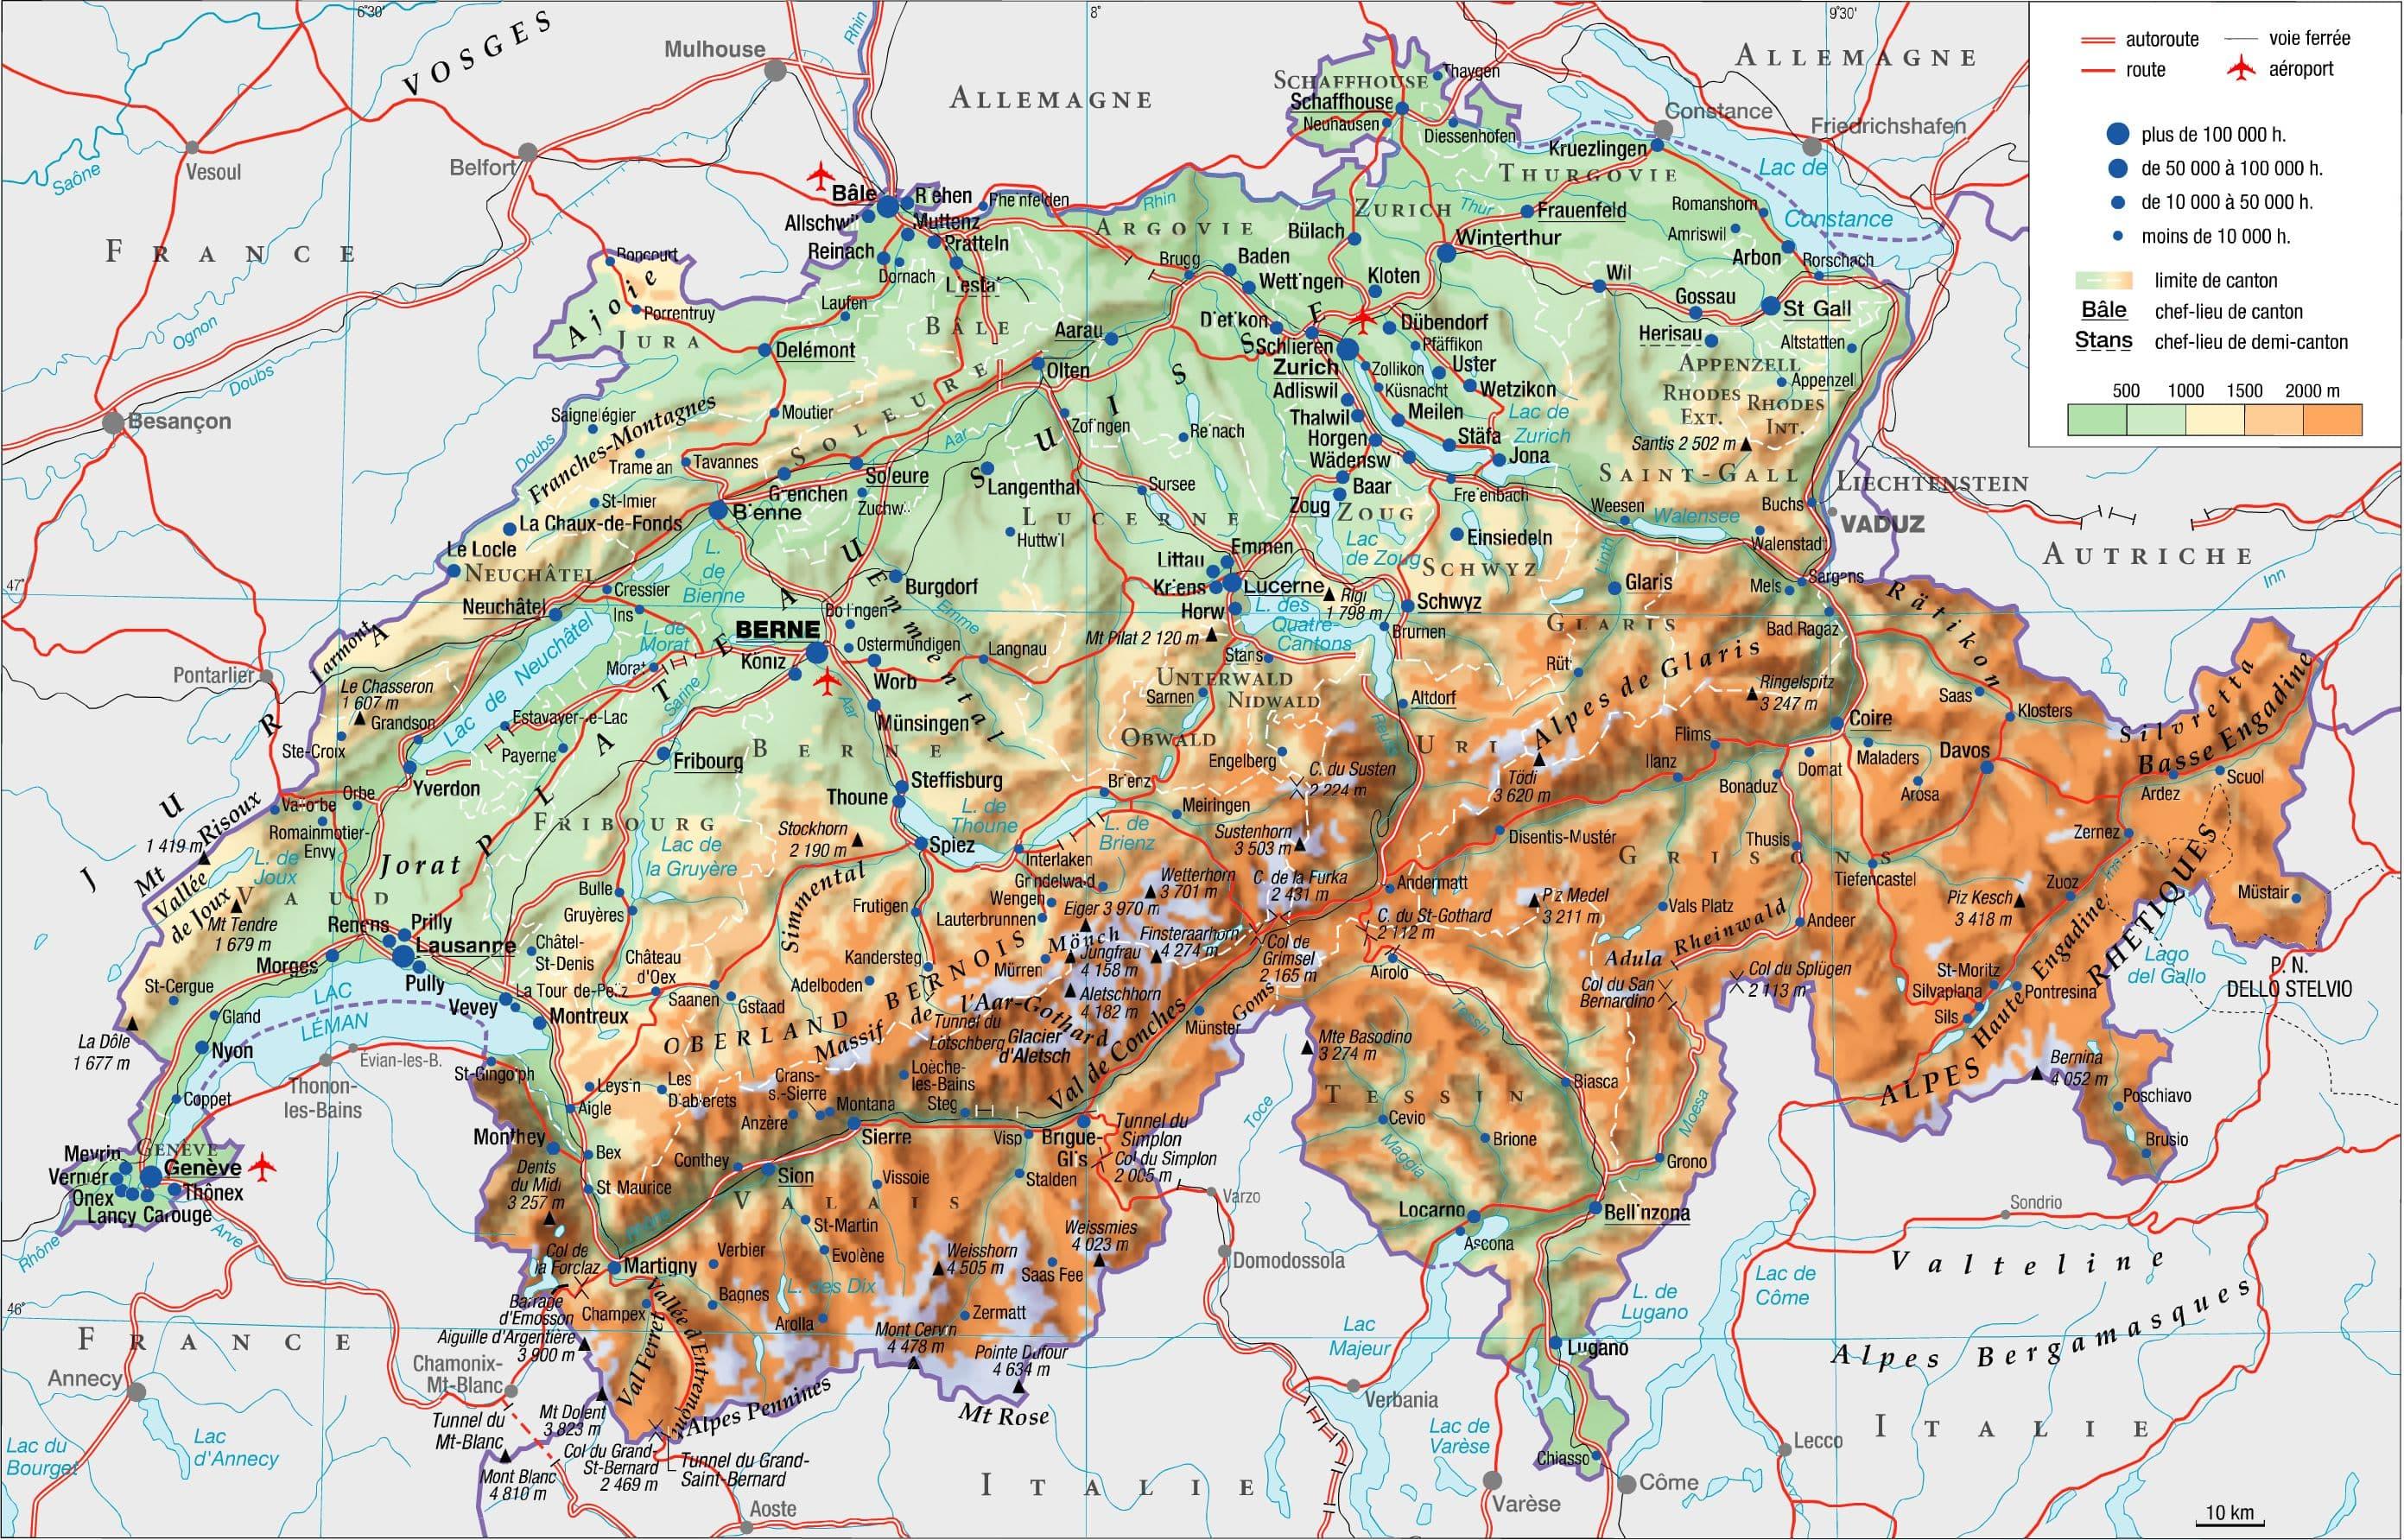 Carte Géographique Du Valais Suisse | tonaartsenfotografie